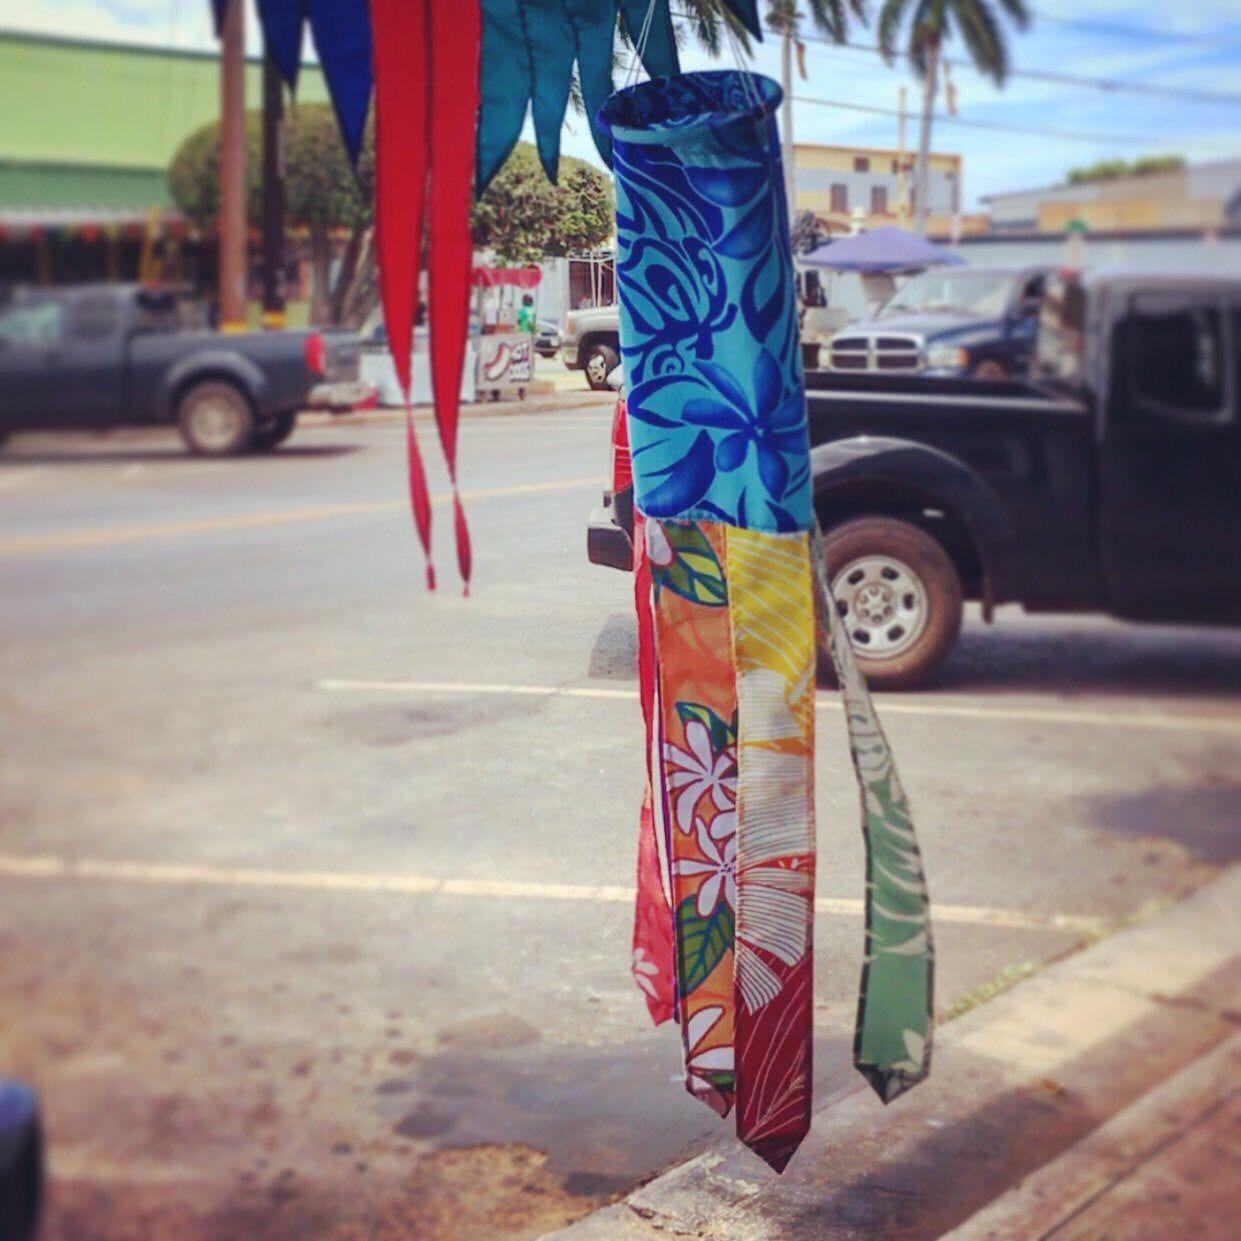 #aloha #alohathursday #alohatherapy #alohavibes #alohafabric #alohaspirit #madewithaloha #alohadecor #alohalife #alohashirts #alohacollection #alohawindsock #alohawindsocks #etsy #decor #entryway #homedecor #flags #houseflag #decorator #yardart #etsyshop